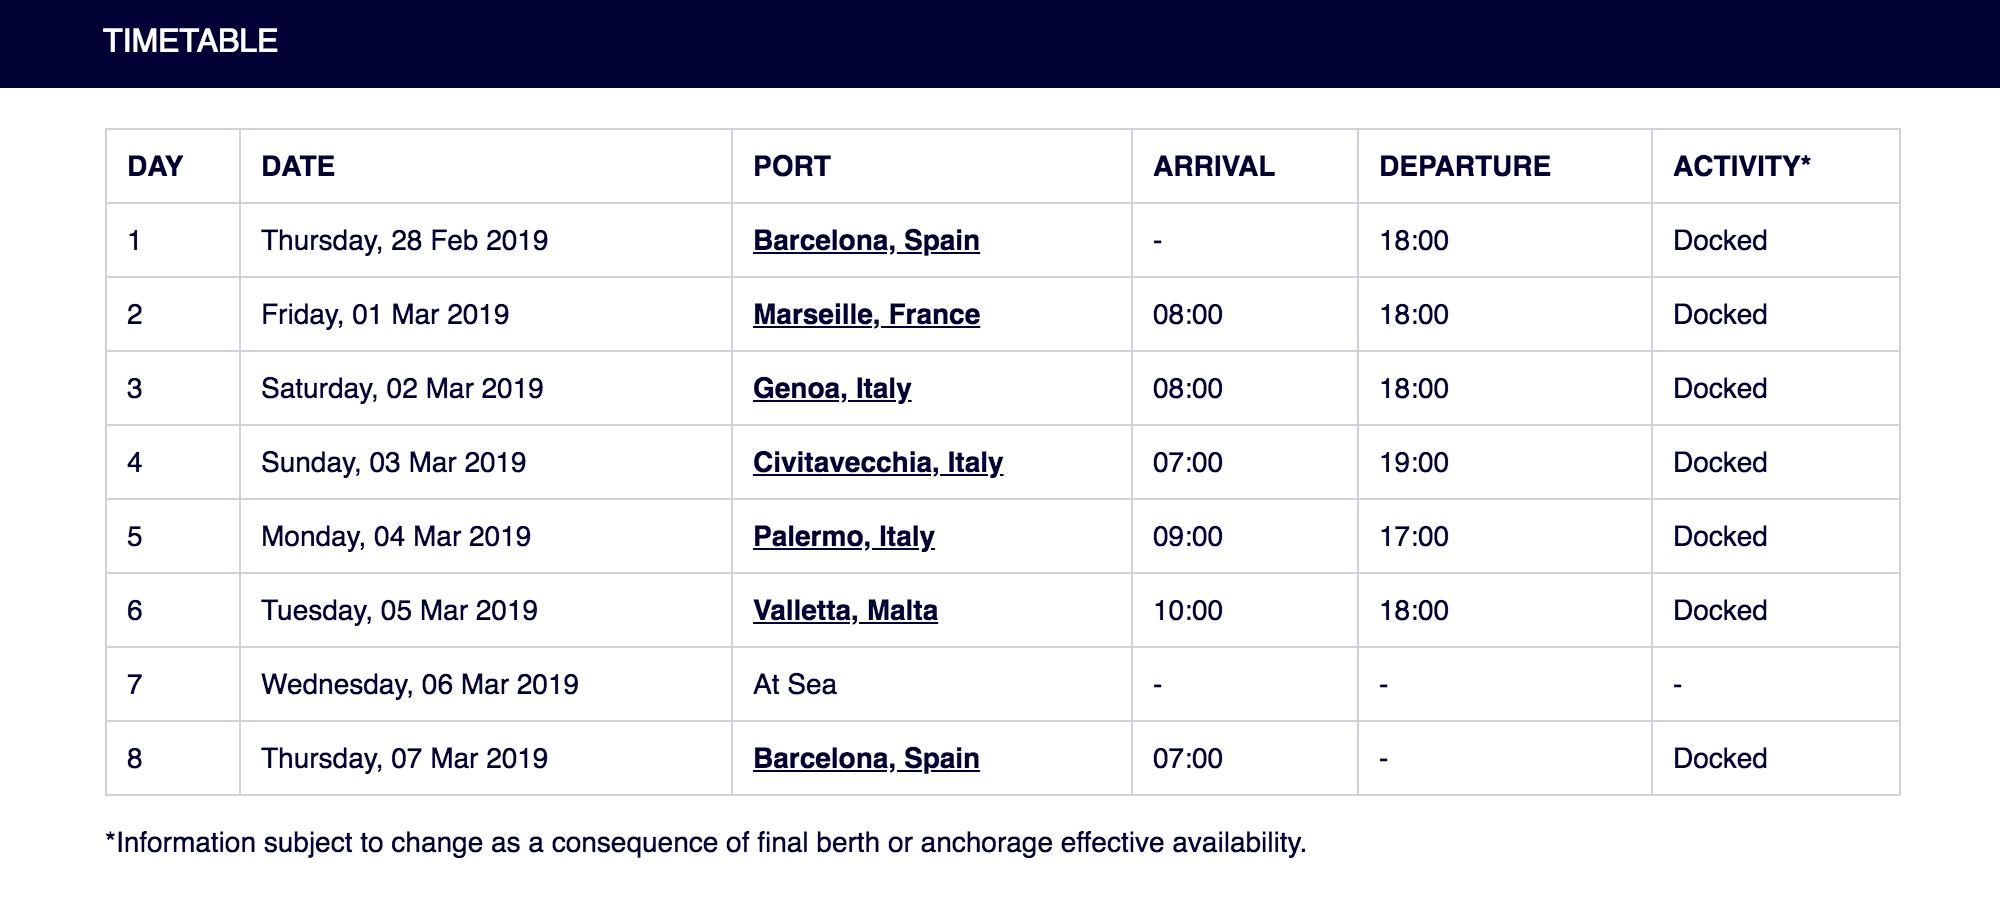 Расписание стоянок в стандартном круизе по Средиземному морю. За 8 часов стоянки можно обойти полгорода